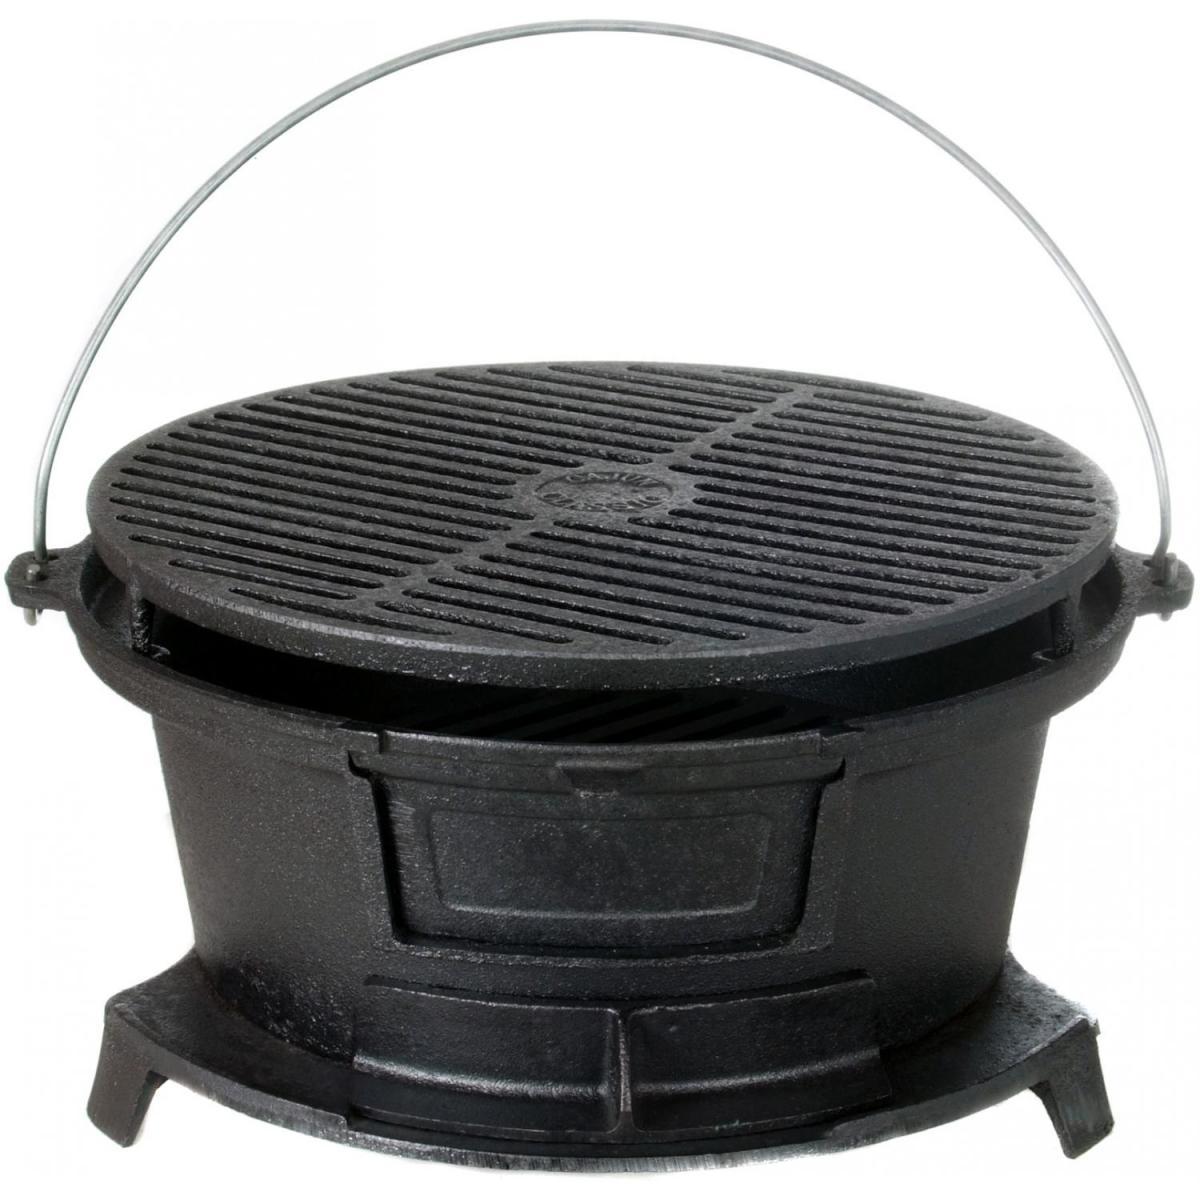 Cast-iron hibachi grill